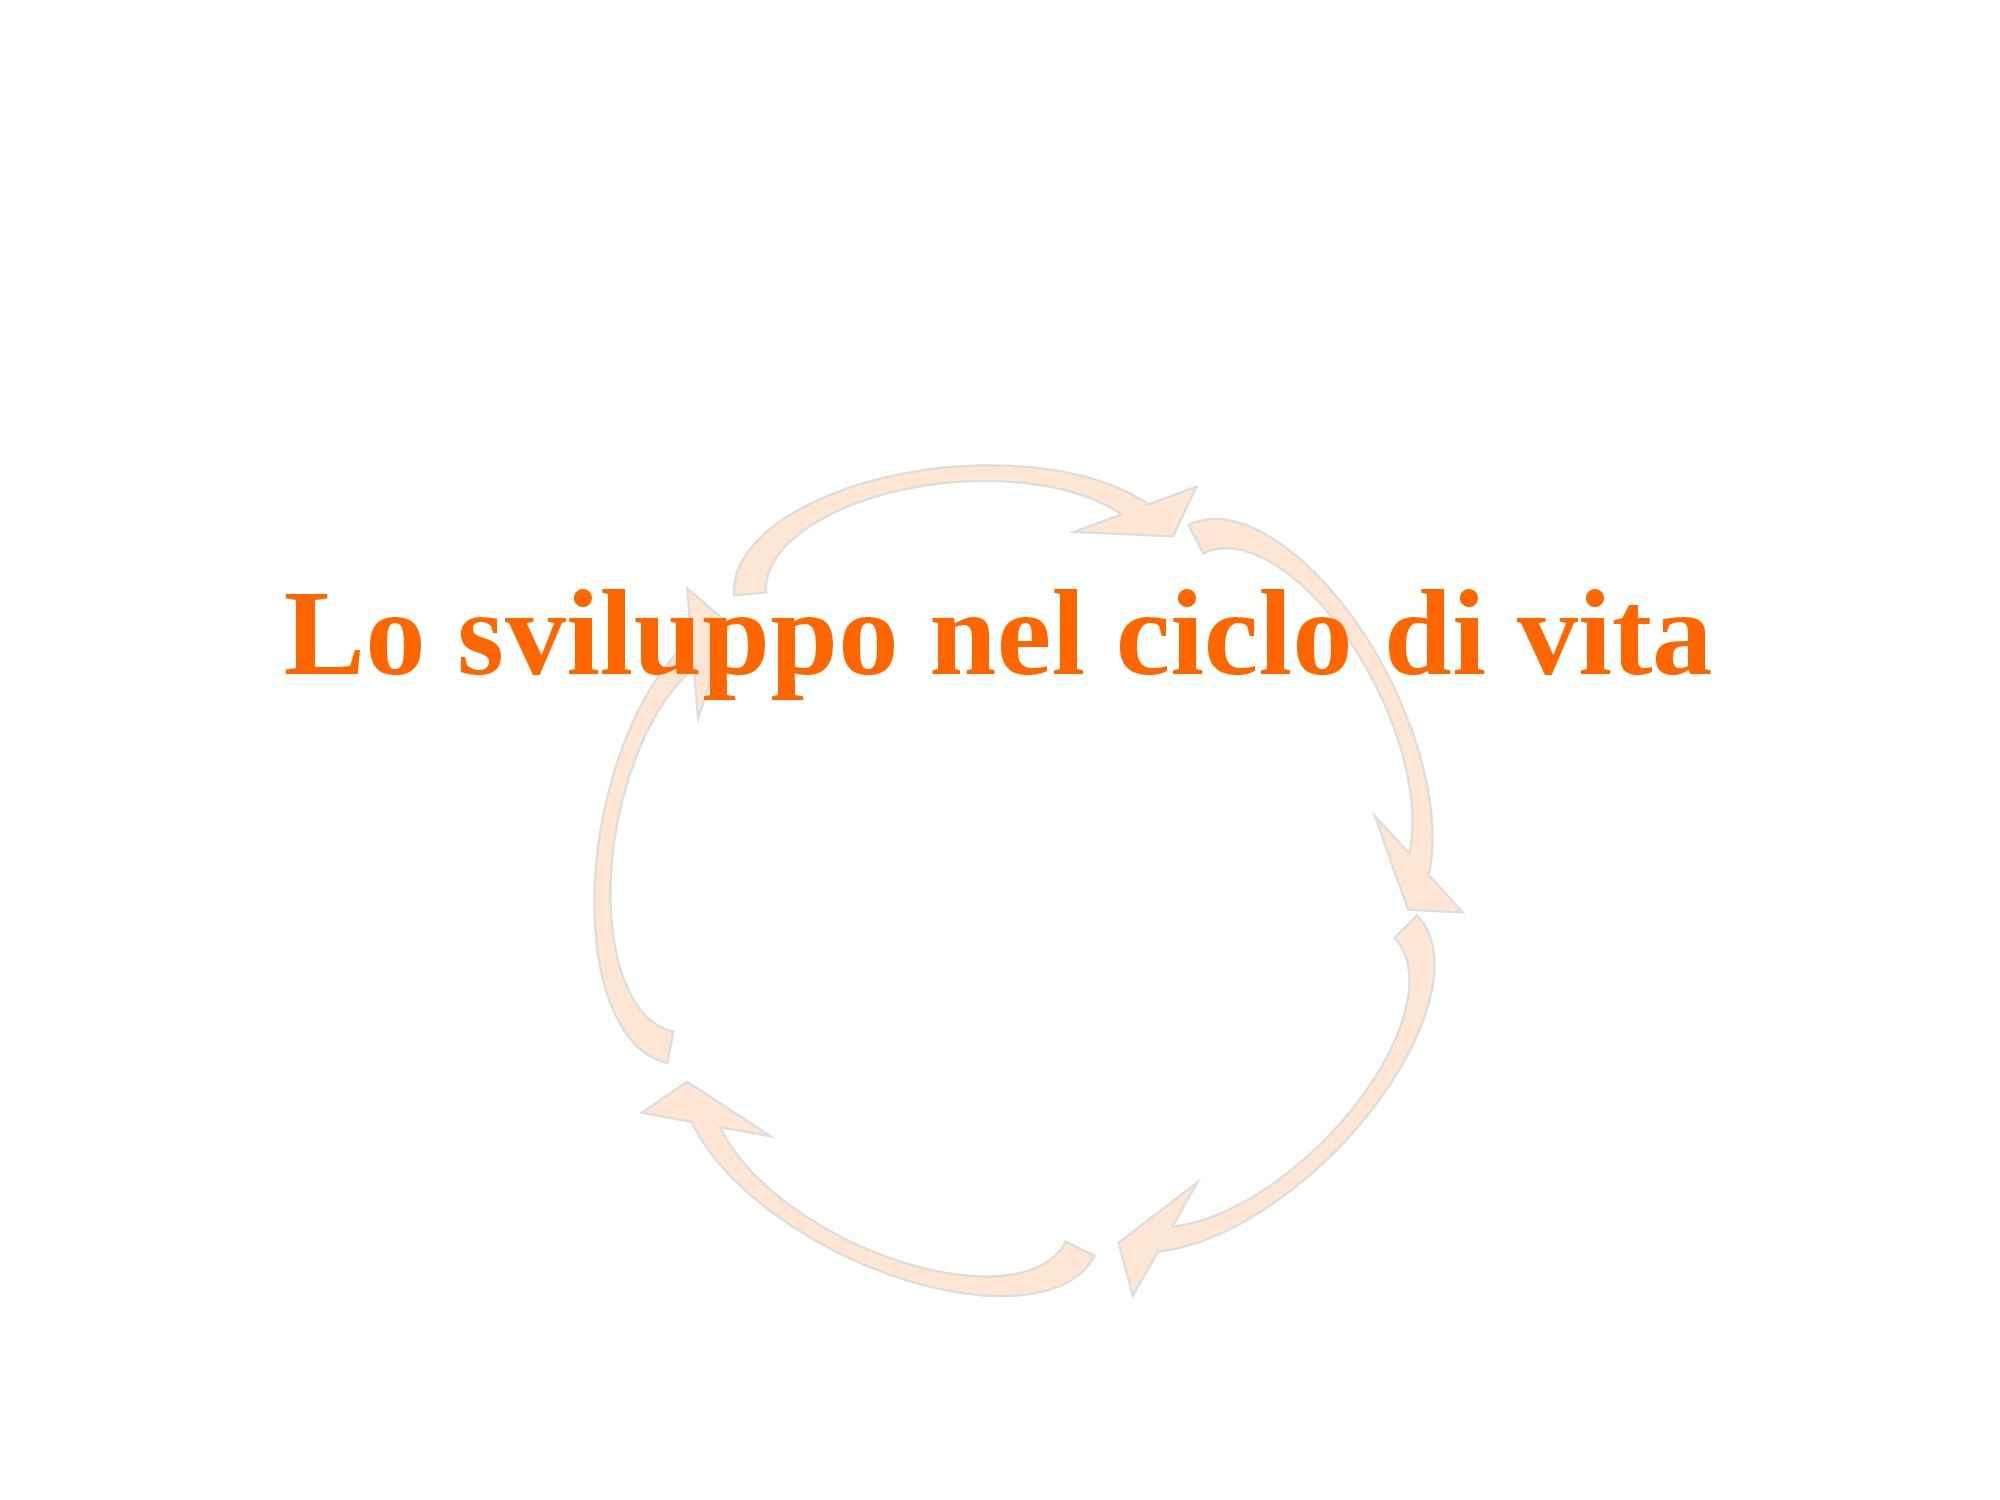 Sviluppo nel ciclo di vita